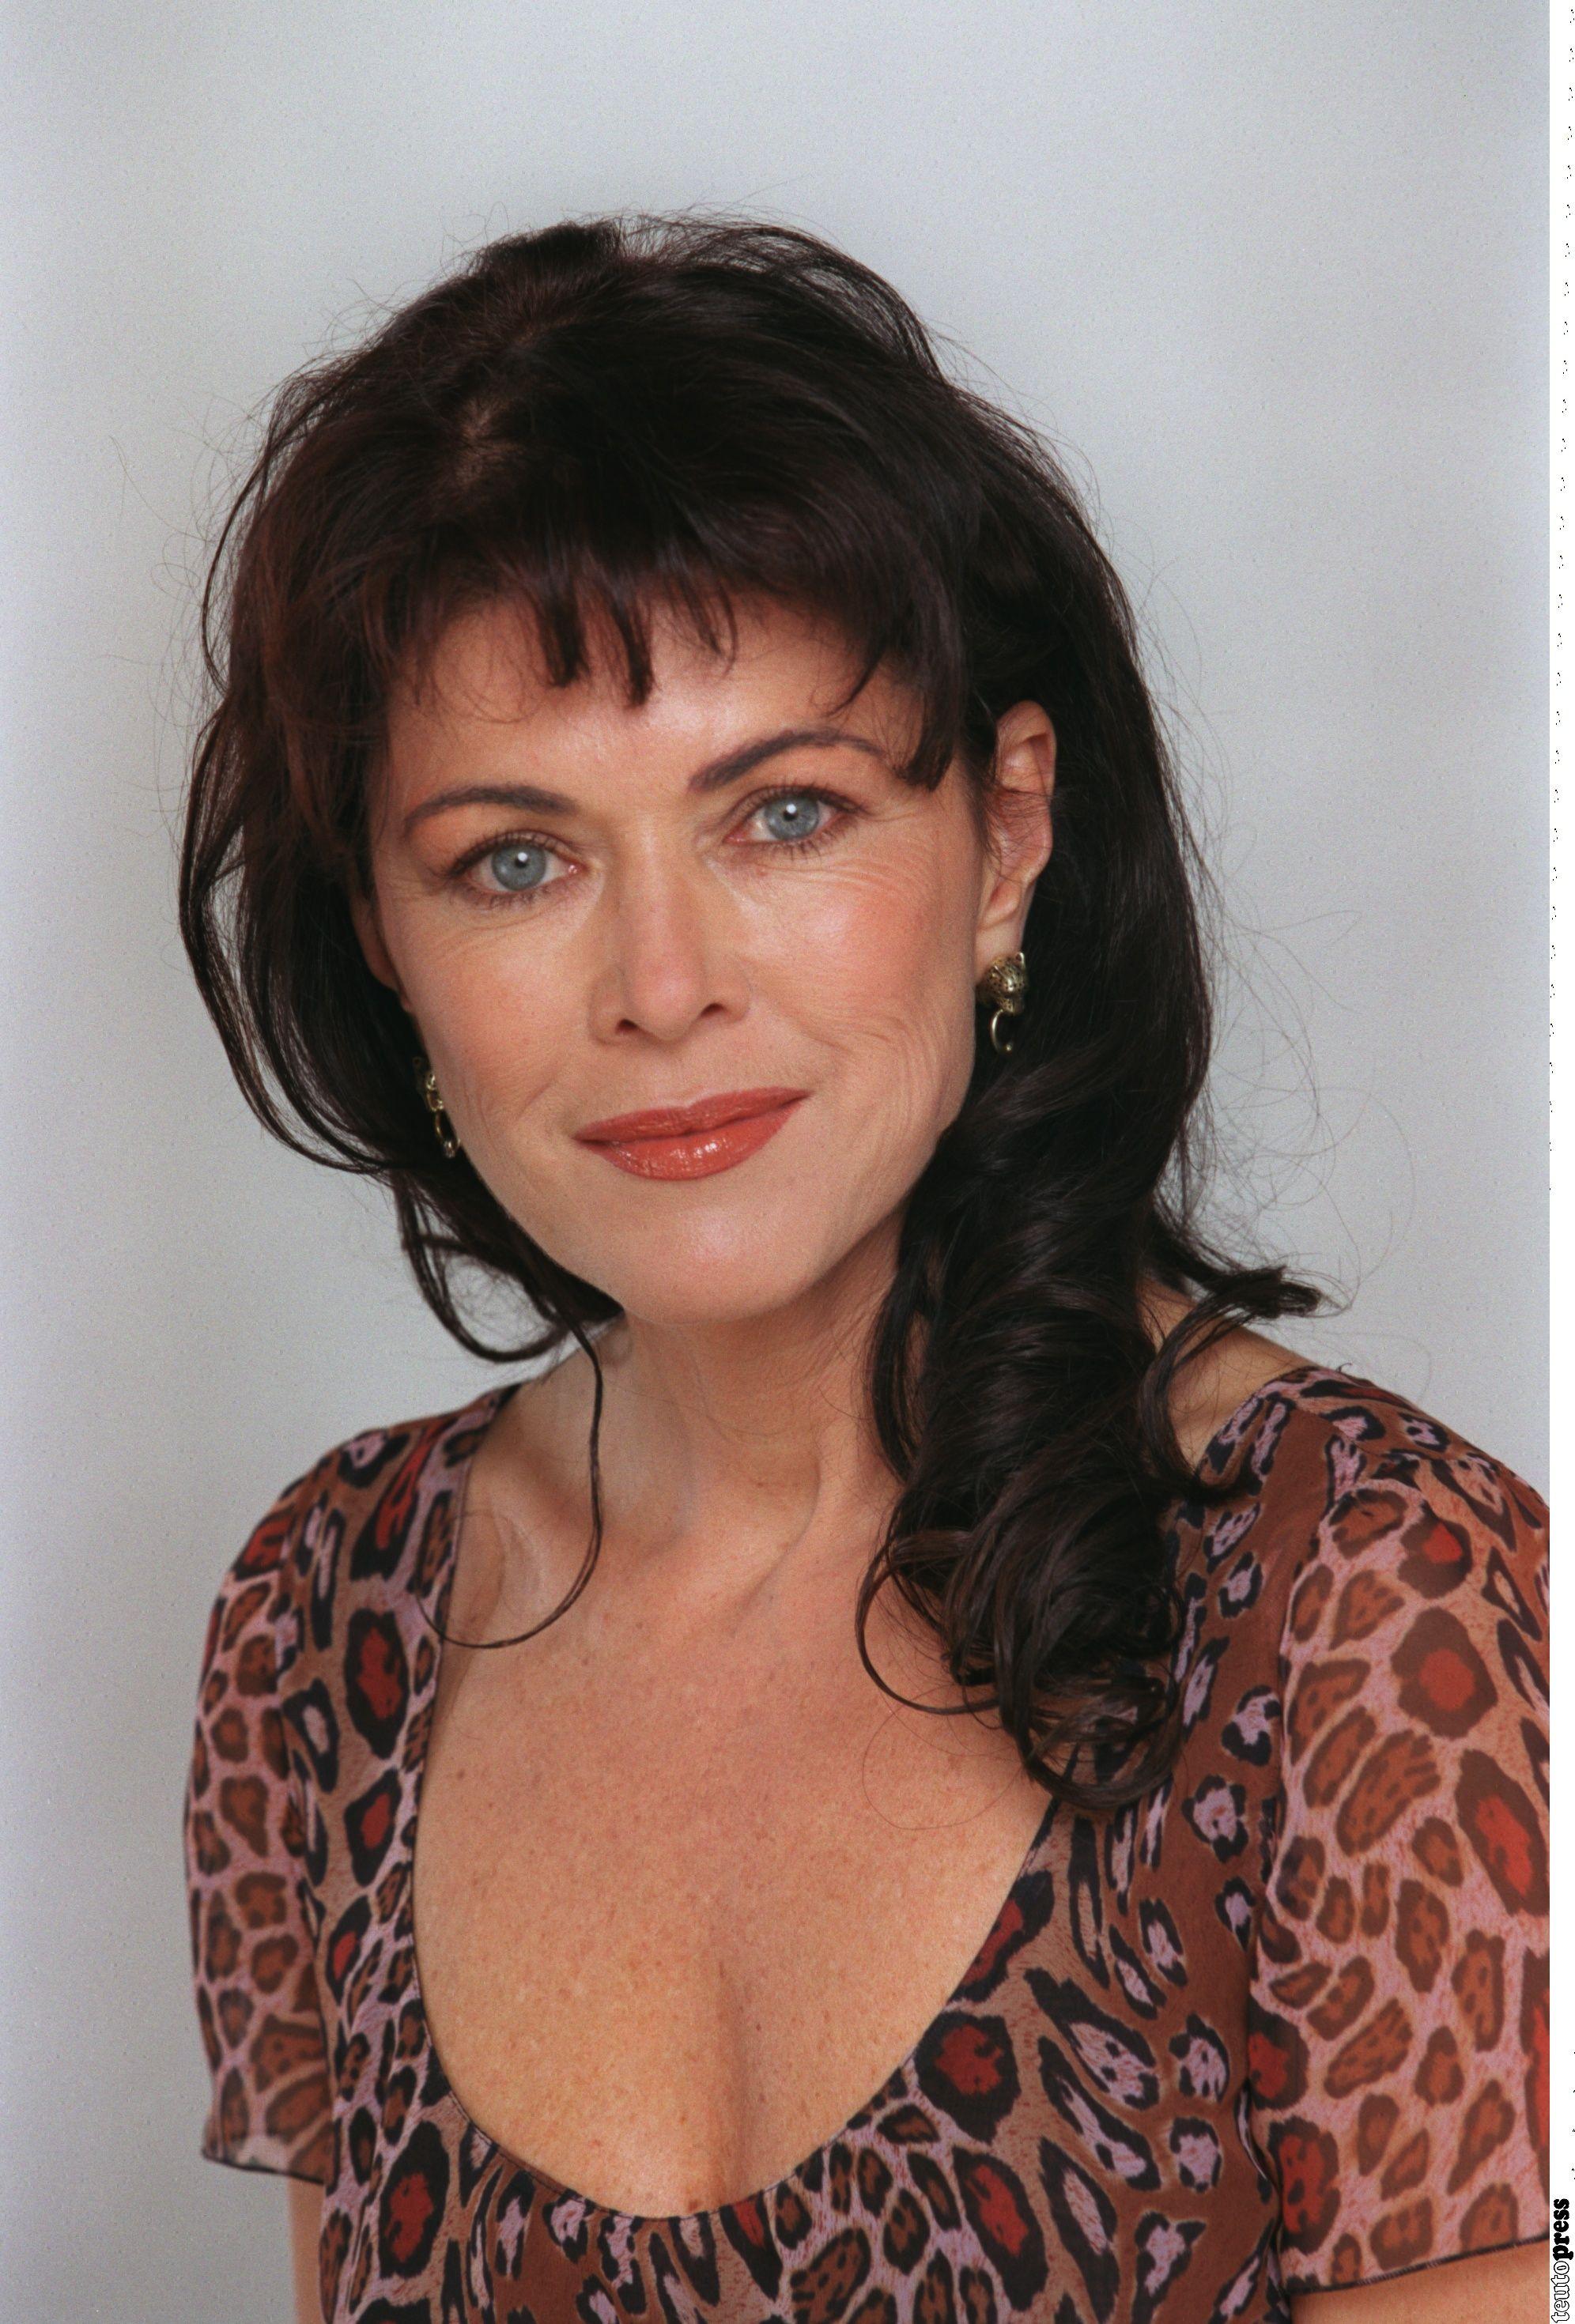 Anja Kruse (* 5. August 1956 in Essen) ist eine deutsche